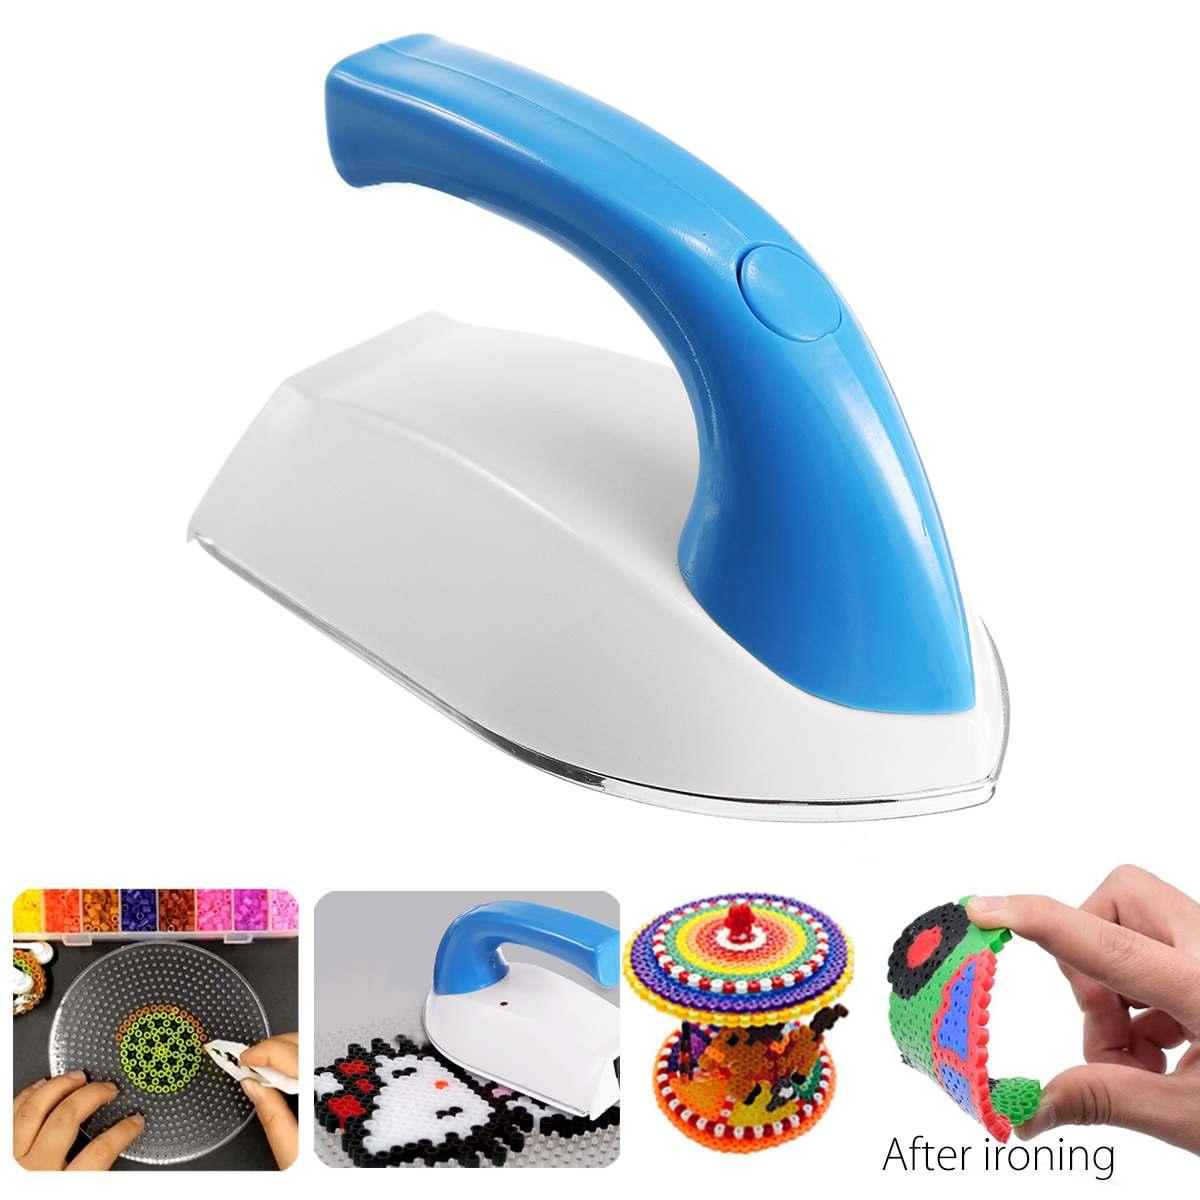 Enchufe europeo DIY Mini plancha eléctrica para Hama cuentas plantilla para Hama puzles cuentas de Melty Pegaboards perler cuentas accesorios de herramienta